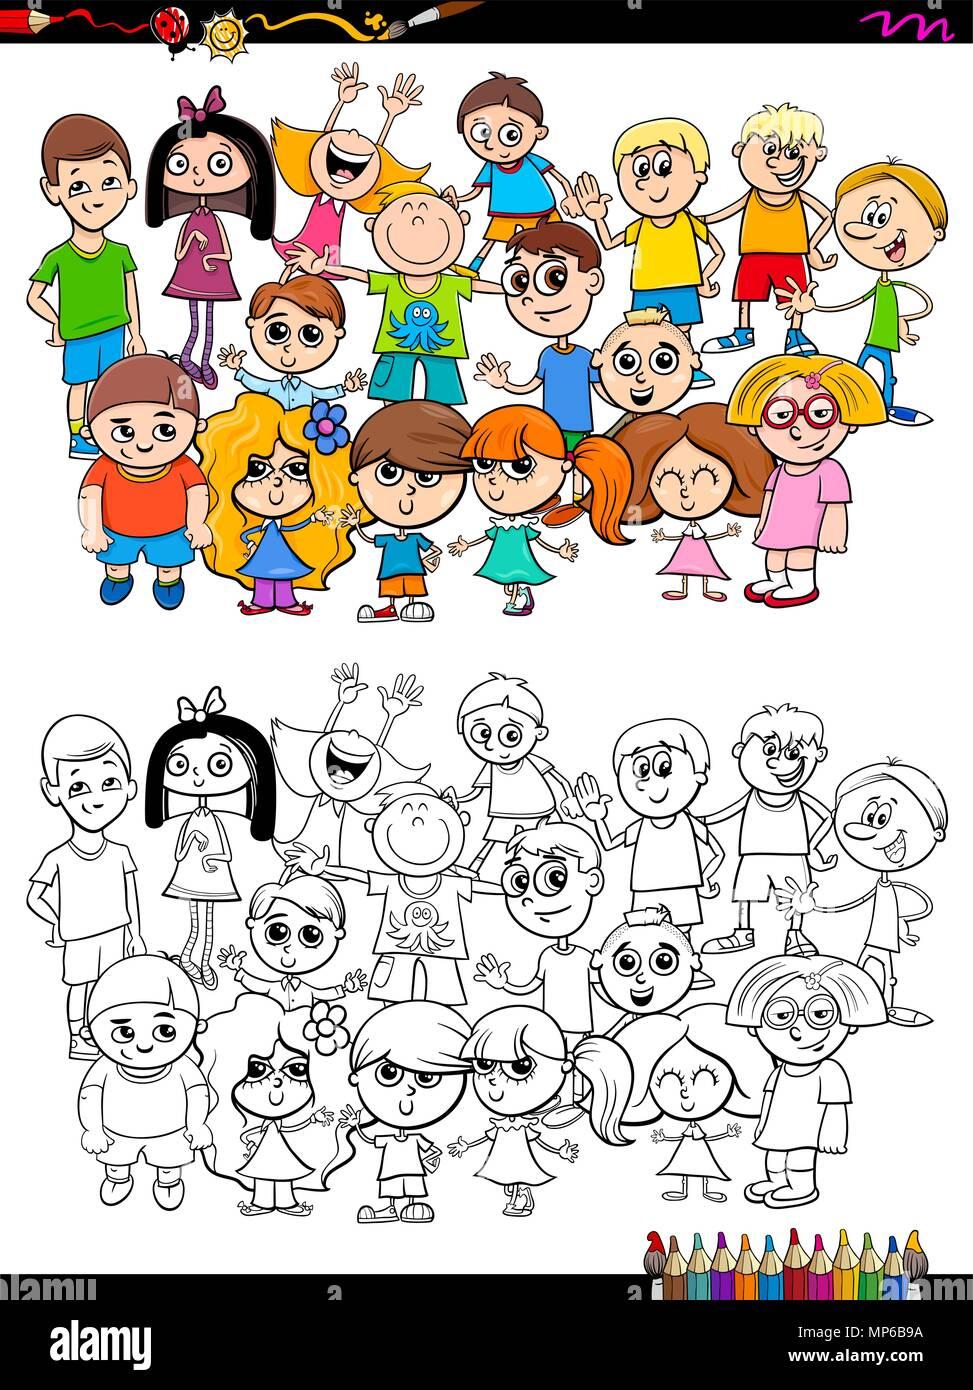 Cartoon Illustrazione Di Ragazze E Ragazzi Kid Gruppo Di Caratteri